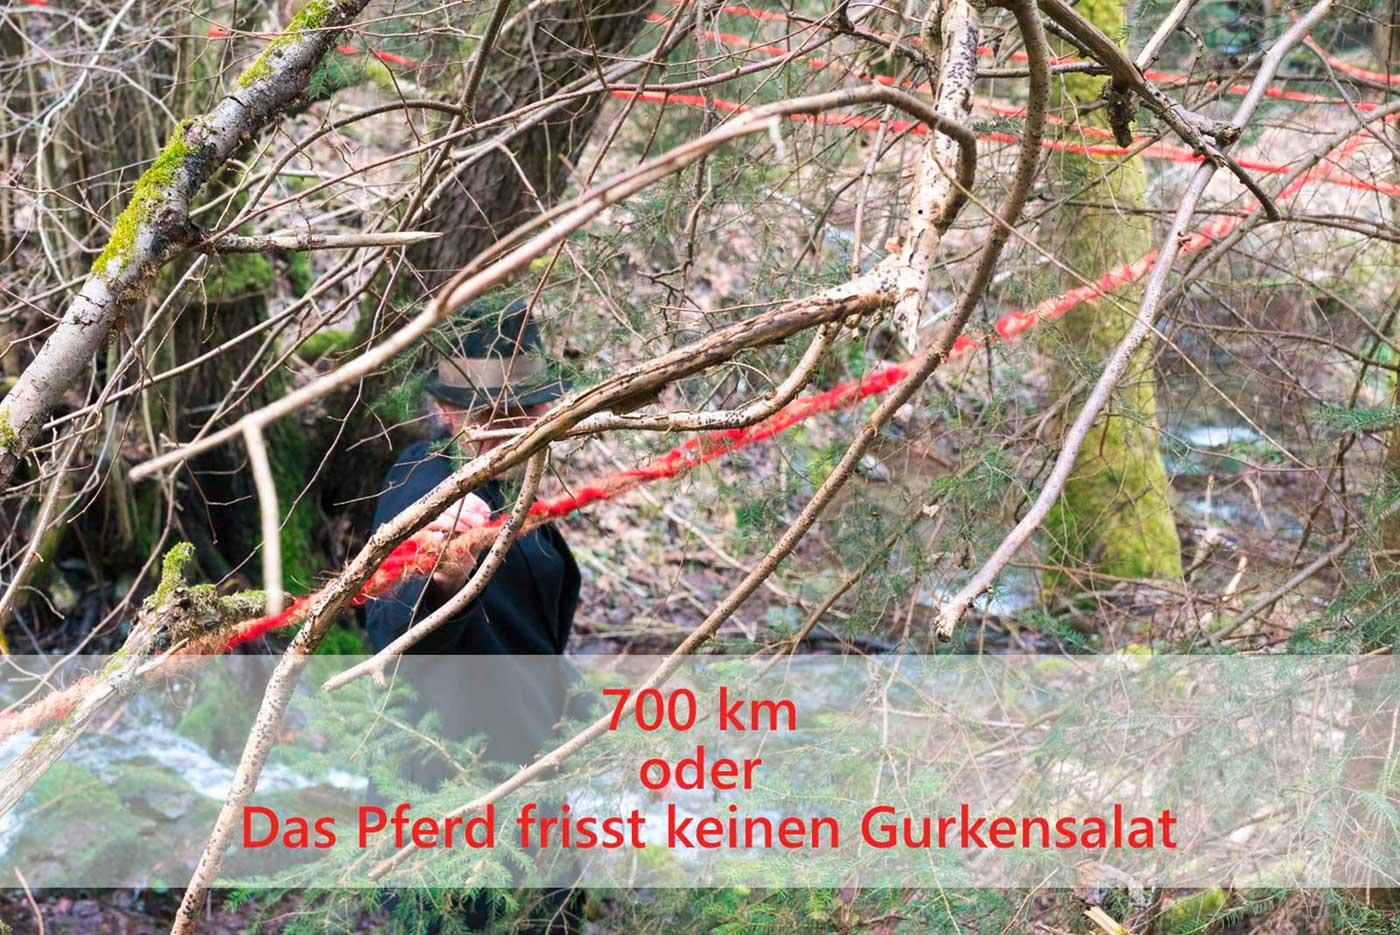 Homepage_700km_09_1400